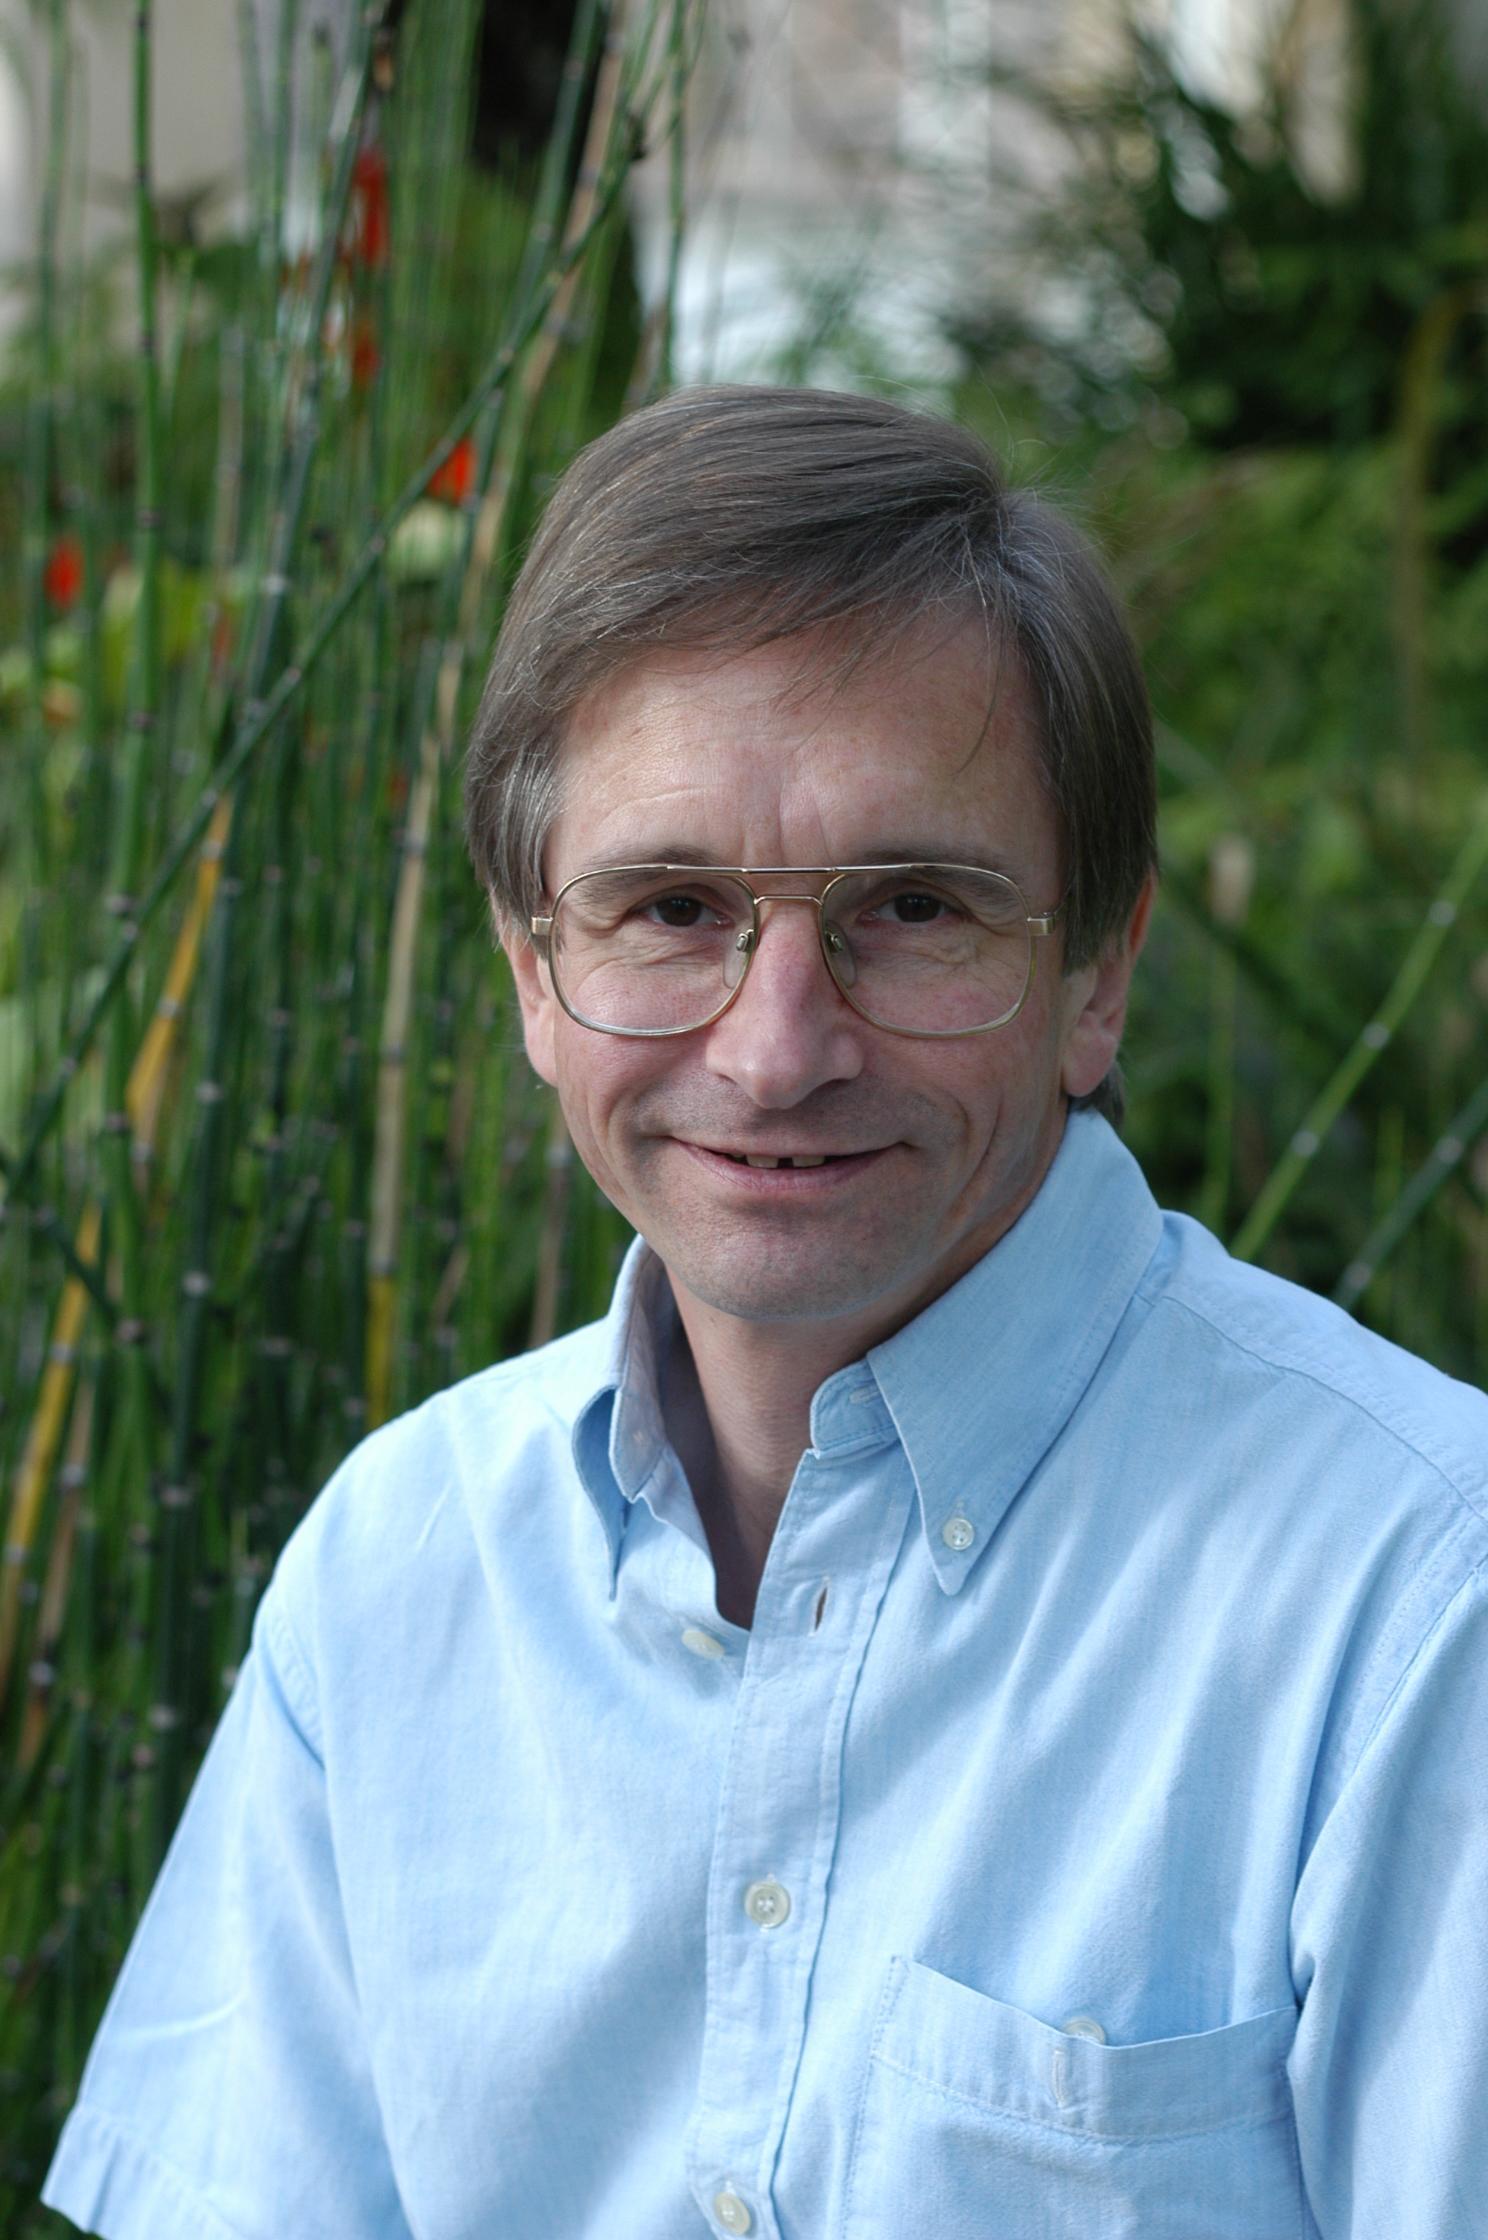 Ian Ridpath au Grand Conservatoire de Syon Park